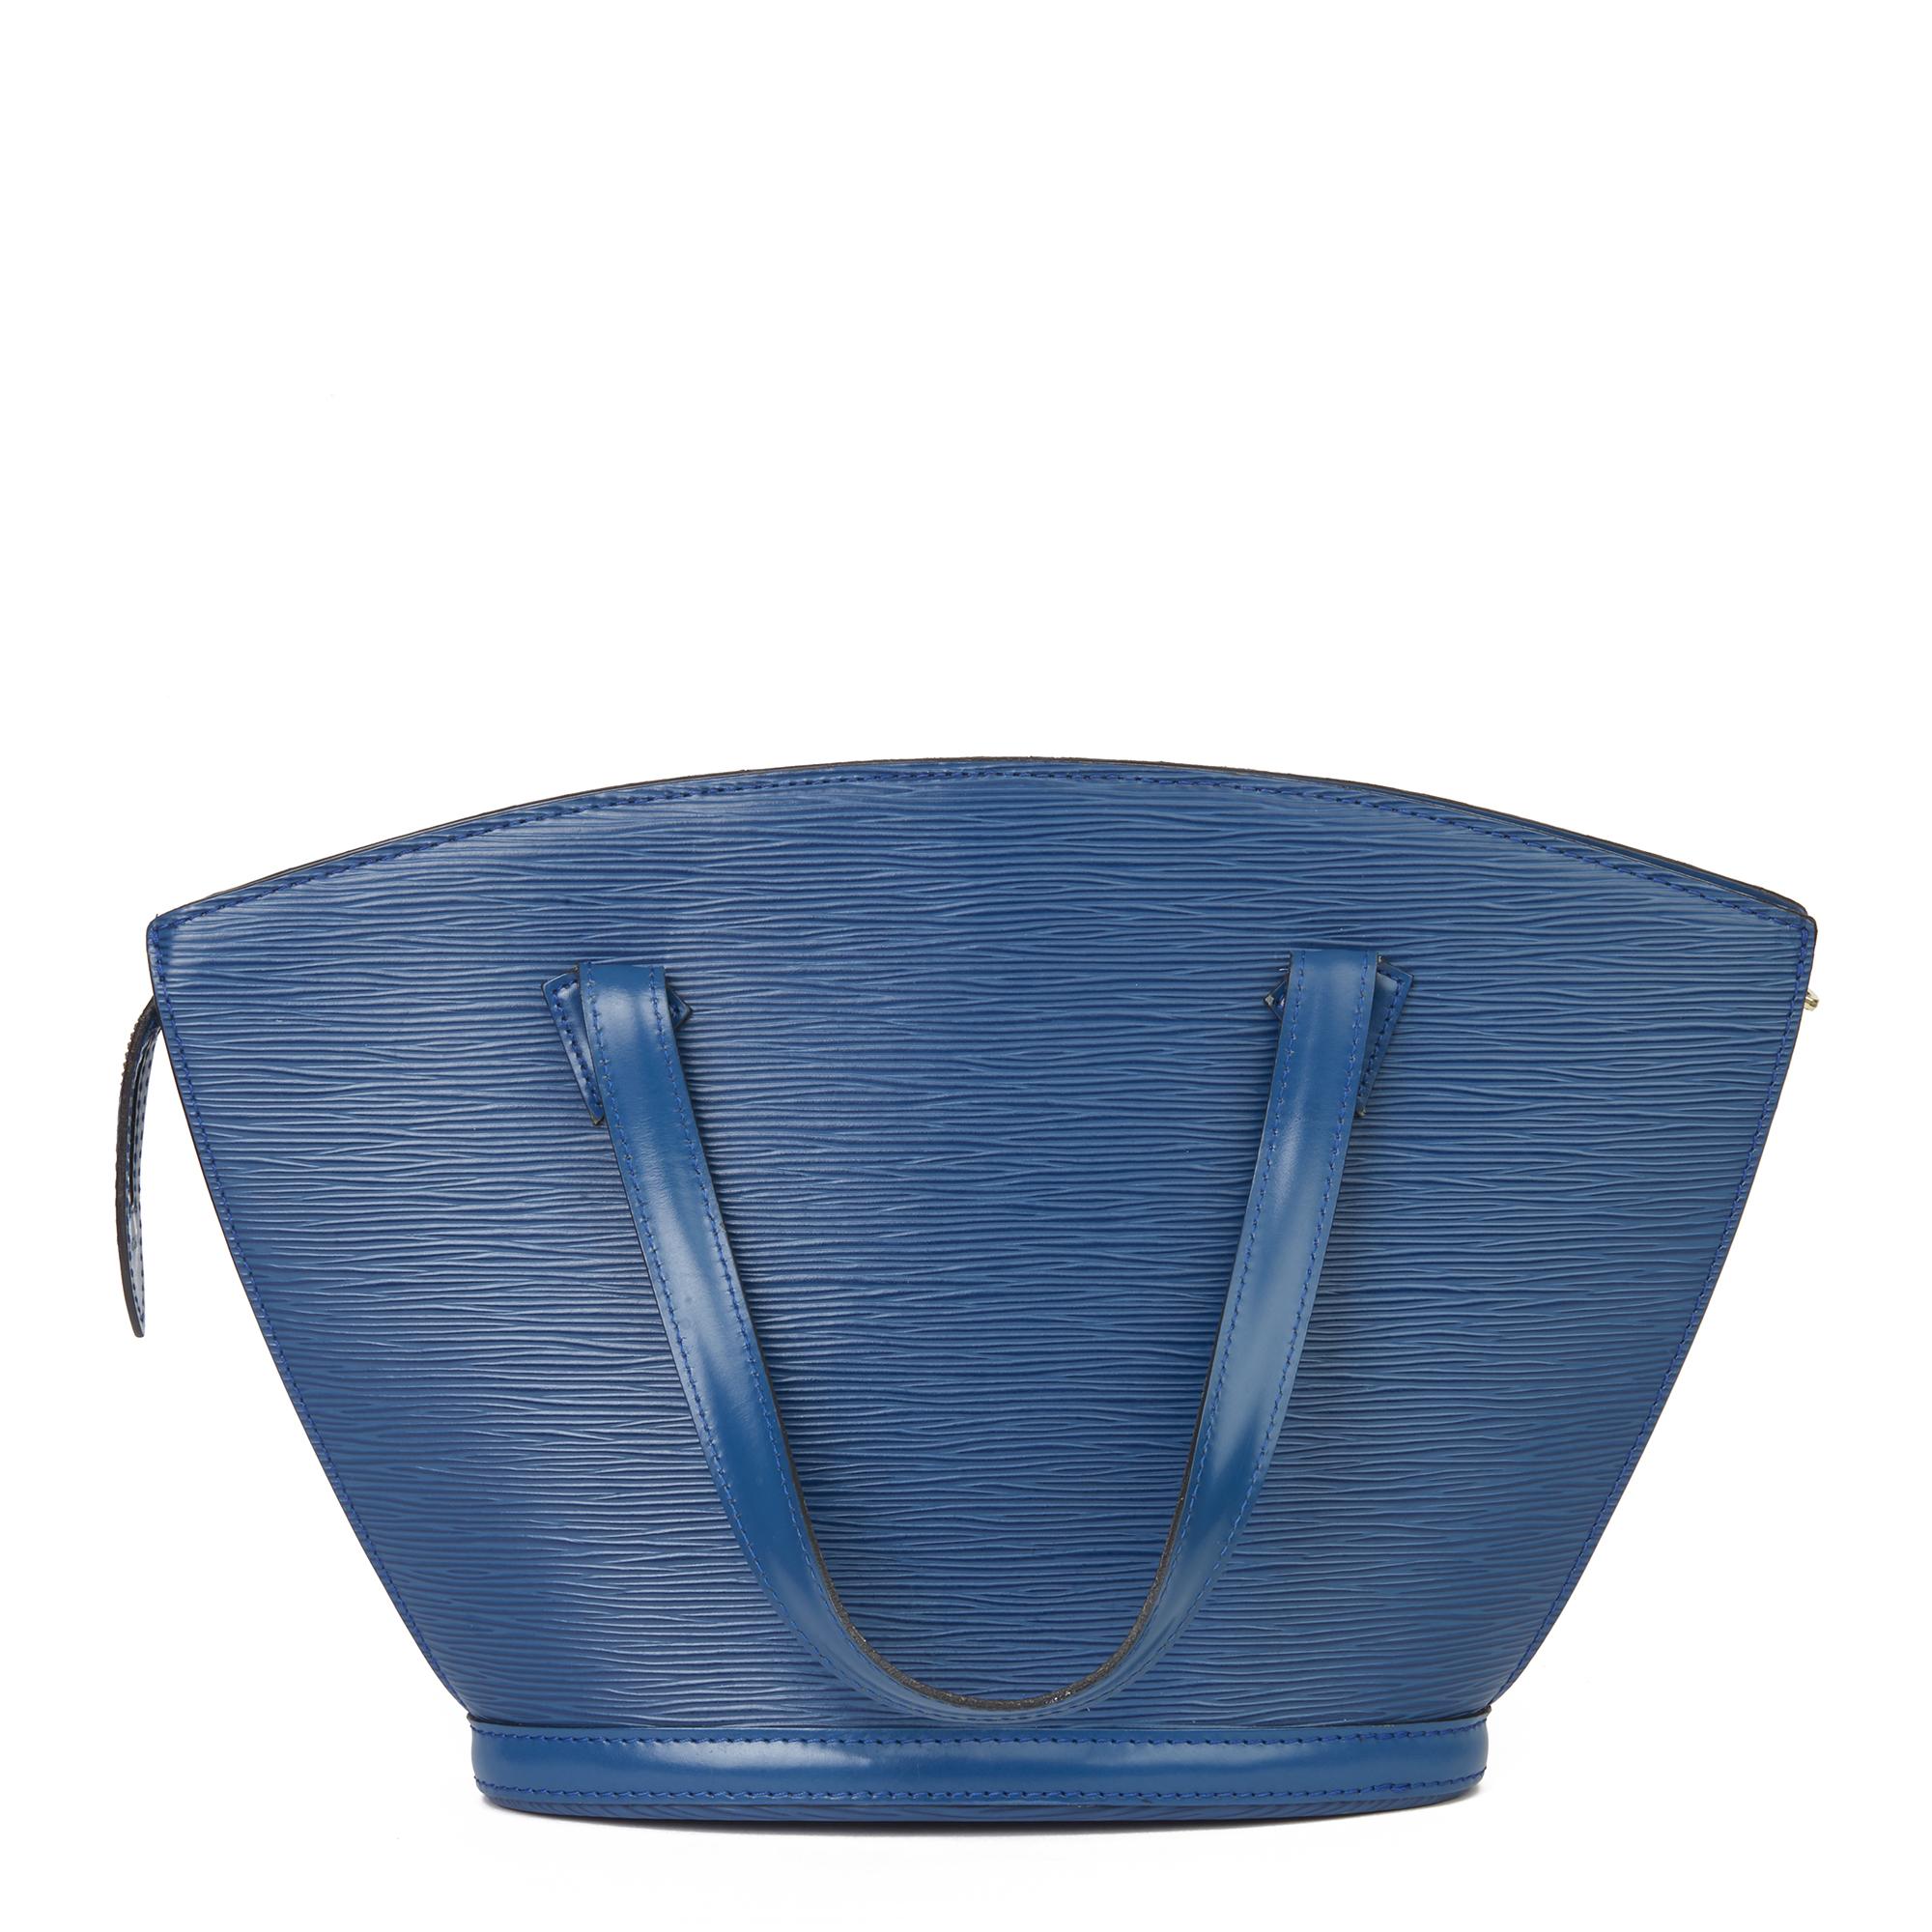 Louis Vuitton Blue Epi Leather Vintage Saint Jacques PM - Image 9 of 11